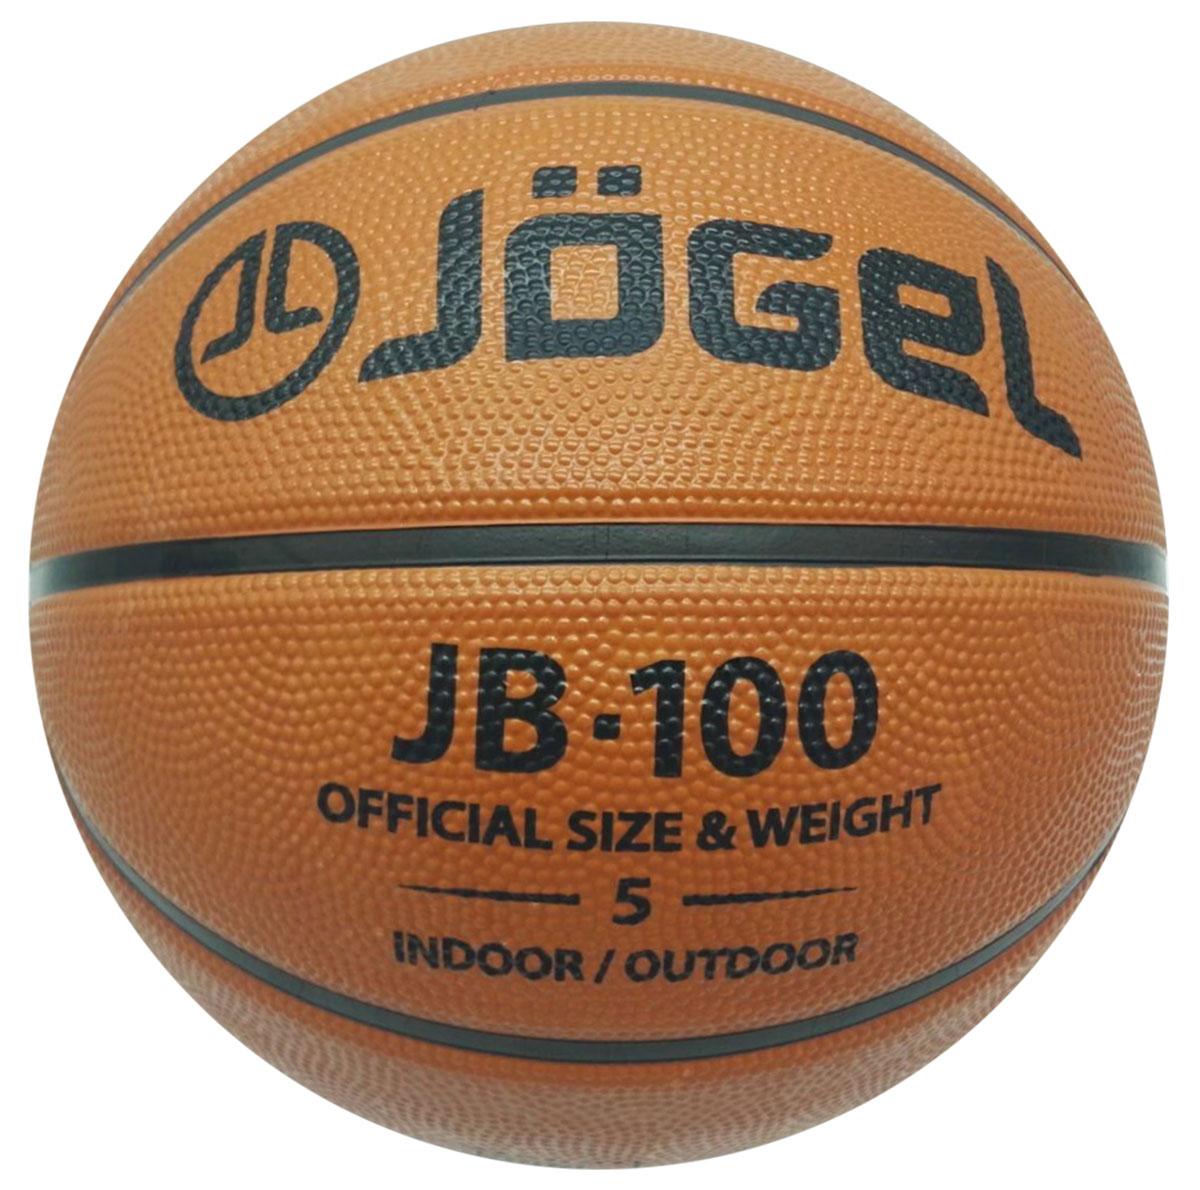 Мяч баскетбольный Jogel, цвет: коричневый. Размер 5. JB-100УТ-00009267Название: Мяч баскетбольный Jgel JB-100 №5 Уровень: Тренировочный мяч Категория: INDOOR/OUTDOOR Описание: Jogel JB-100 №5 это классический резиновый баскетбольный мяч, самая популярная модель для уличного баскетбола, учебных заведений и СДЮШ. Поверхность мяча выполнена из износостойкой резины, благодаря чему данным мячом можно играть практически на любой поверхности, как на улице, так и в зале. Благодаря технологии DeepChannel (глубокие каналы), используемой при производстве мячей Jogel, достигается лучший контроля мяча во время броска и дриблинга. Размер №5 предназначается для тренировок детей до 12 лет. Данный мяч рекомендован для любительской игры, тренировок любительских команд и команд среднего уровня. Данный мяч прекрасно подходит для поставок на гос. тендеры, образовательные учреждения и спортивные секции. Официальный размер и вес FIBA. Рекомендованные покрытия: Паркет, резина, бетон, асфальт Материал поверхности: Износостойкая резина Материал камеры: Бутил Тип соединения...